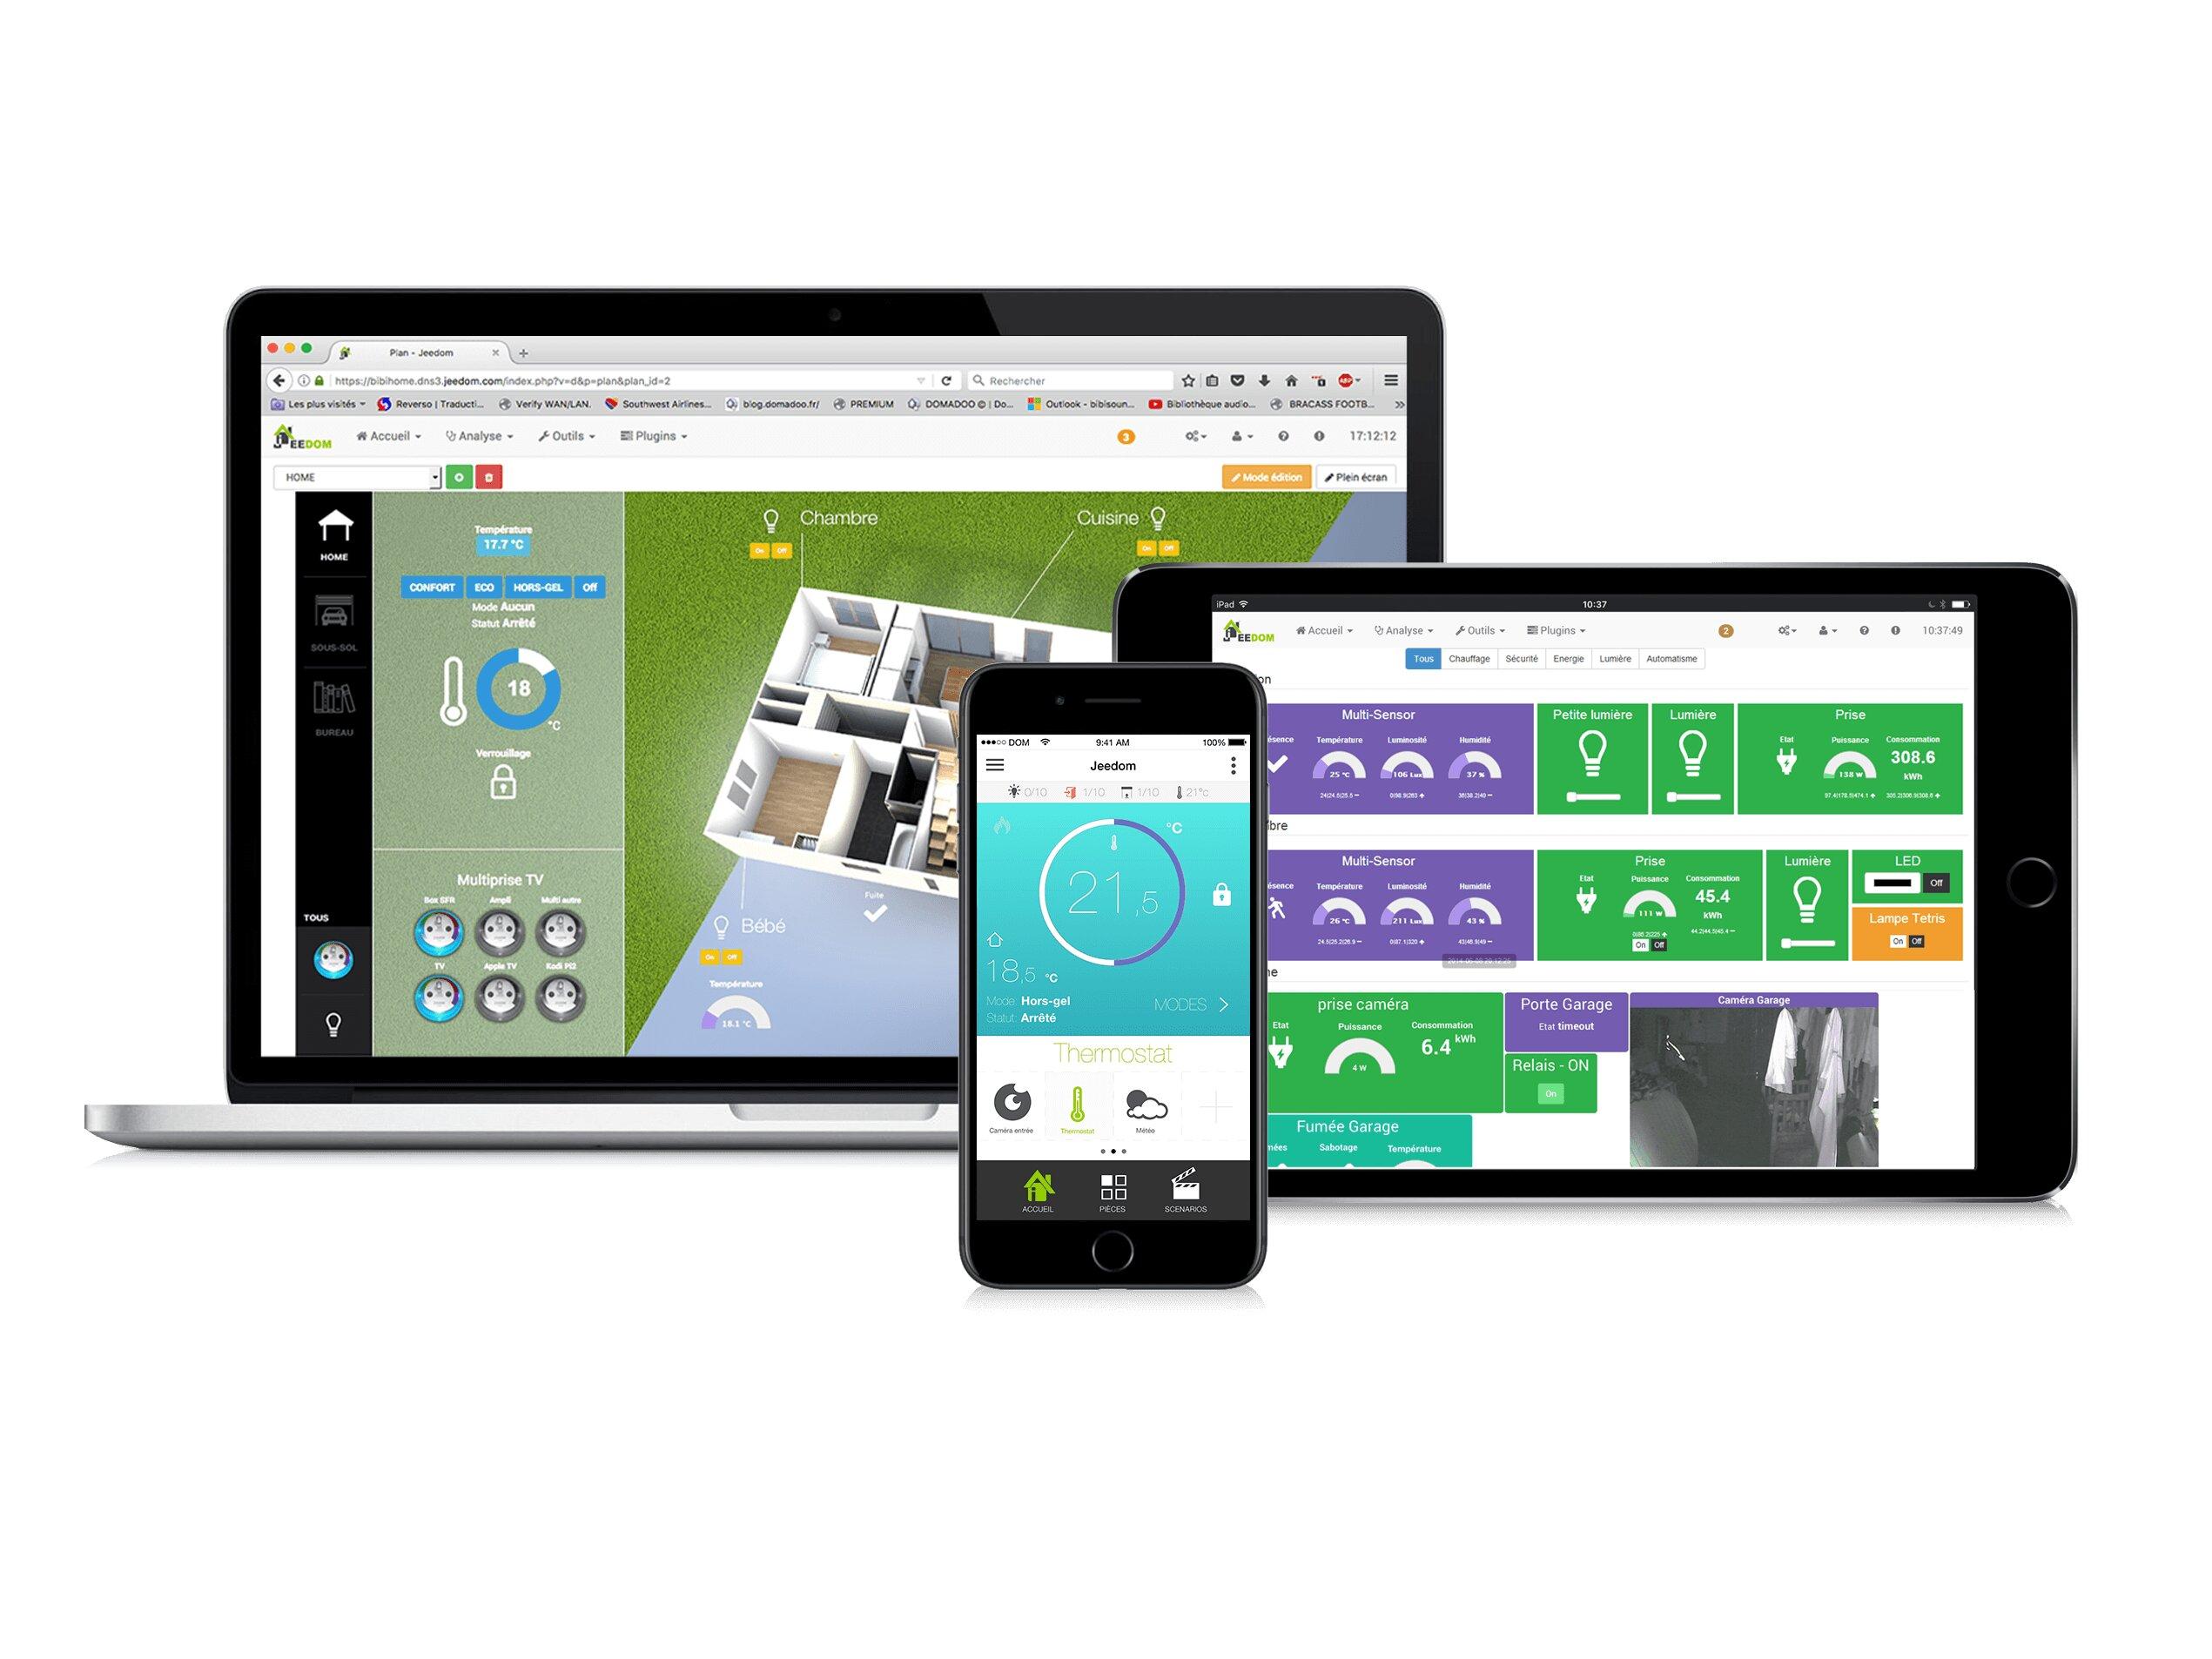 JeeDom v4 arrive en bêta, l'application mobile s'améliore